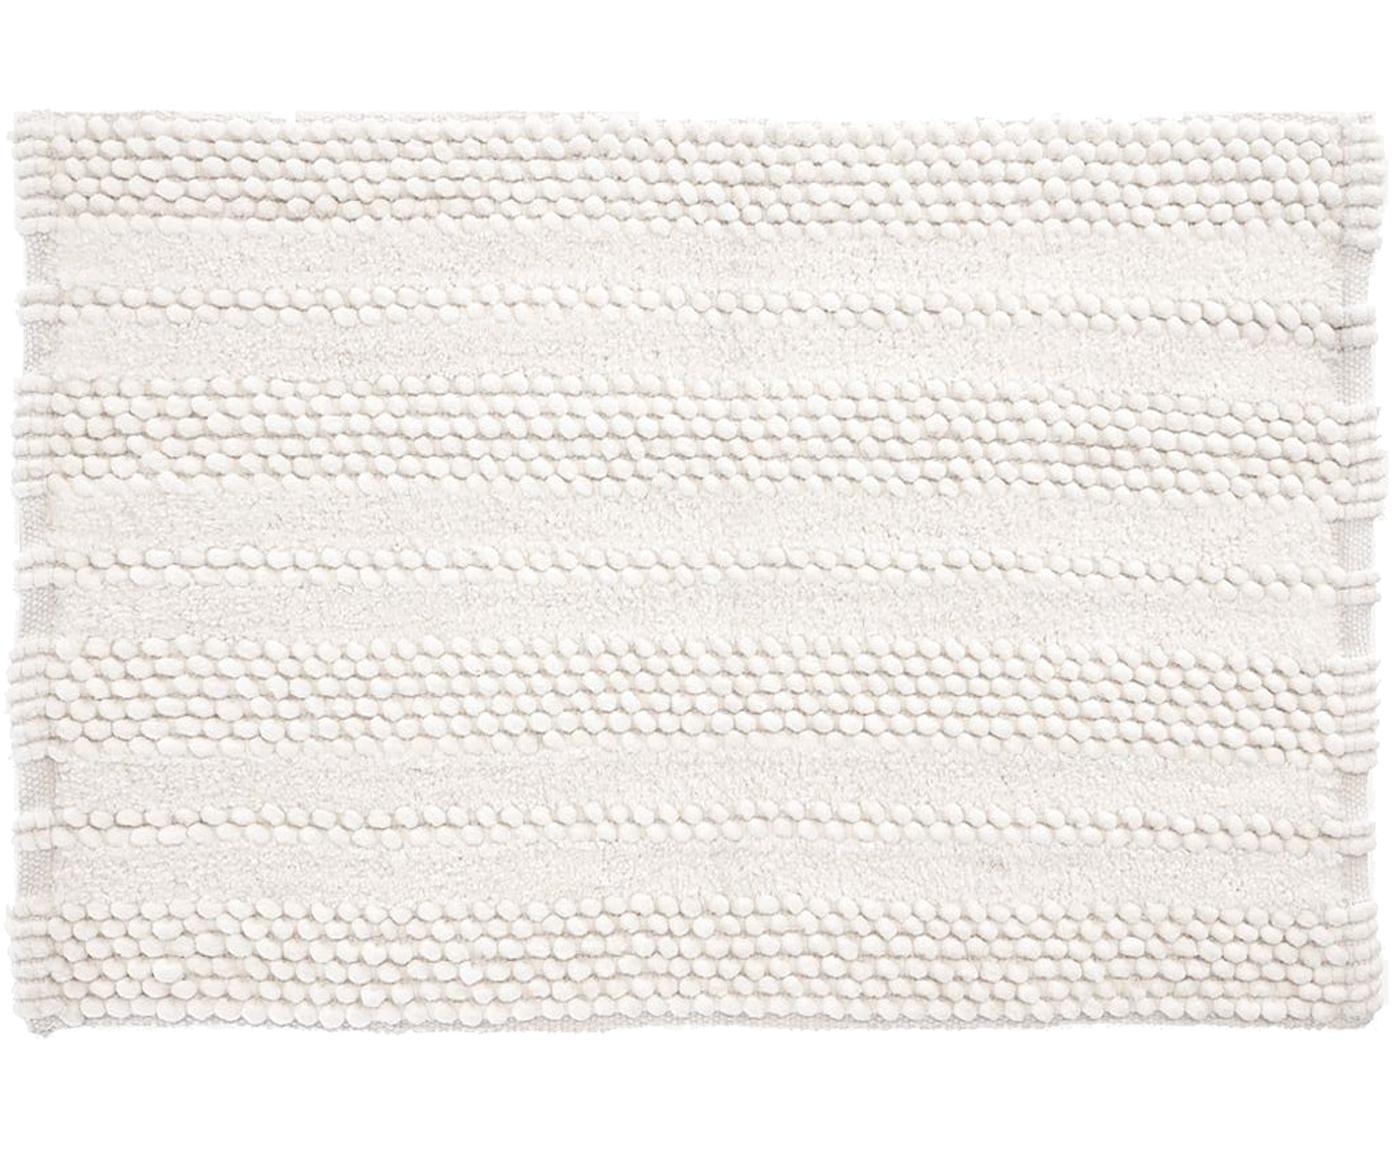 Tappeto bagno con struttura a rilievo Nea, 65% ciniglia, 35% cotone, Bianco, Larg. 80 x Lung. 120 cm